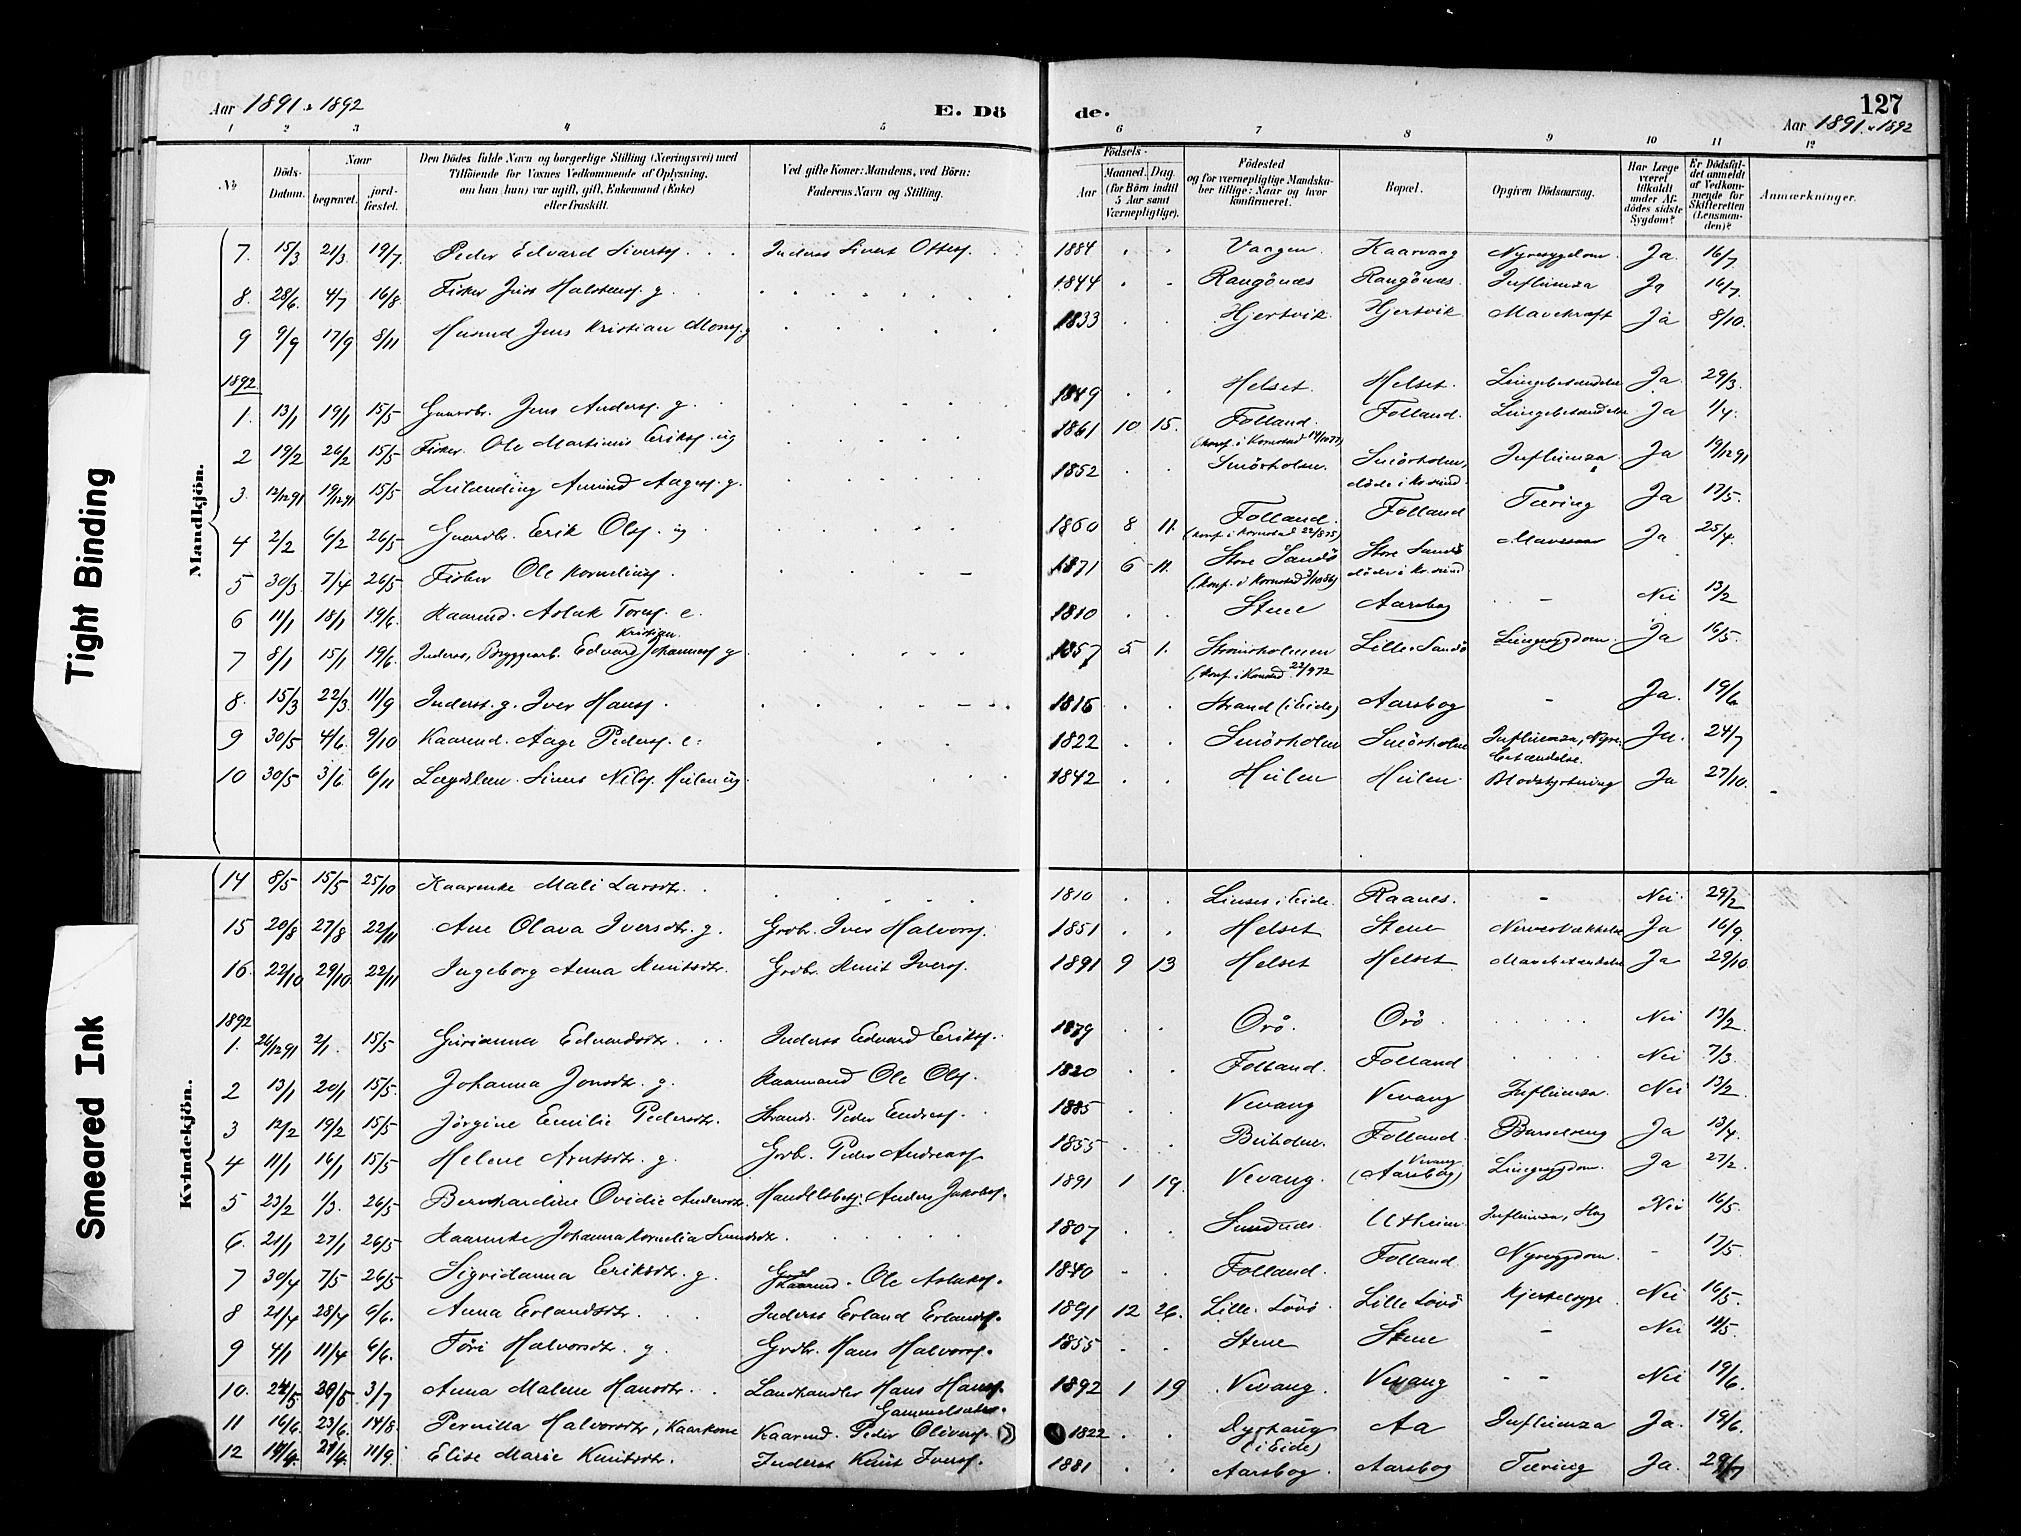 SAT, Ministerialprotokoller, klokkerbøker og fødselsregistre - Møre og Romsdal, 570/L0832: Ministerialbok nr. 570A06, 1885-1900, s. 127